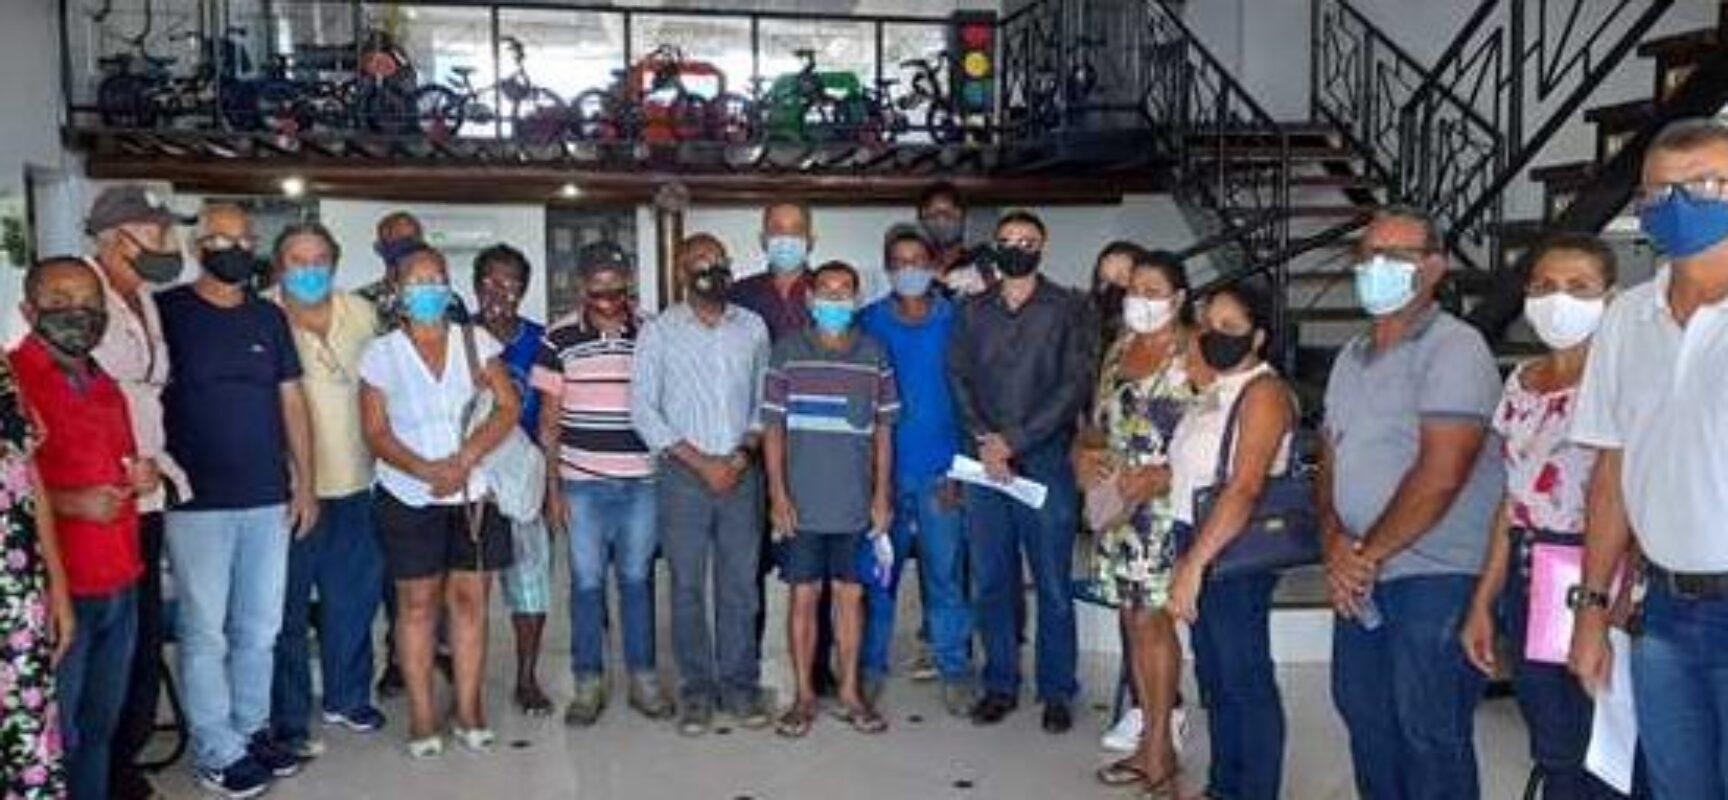 Ilhéus: Prefeitura promove reunião com representantes de comunidades para melhorias na zona rural